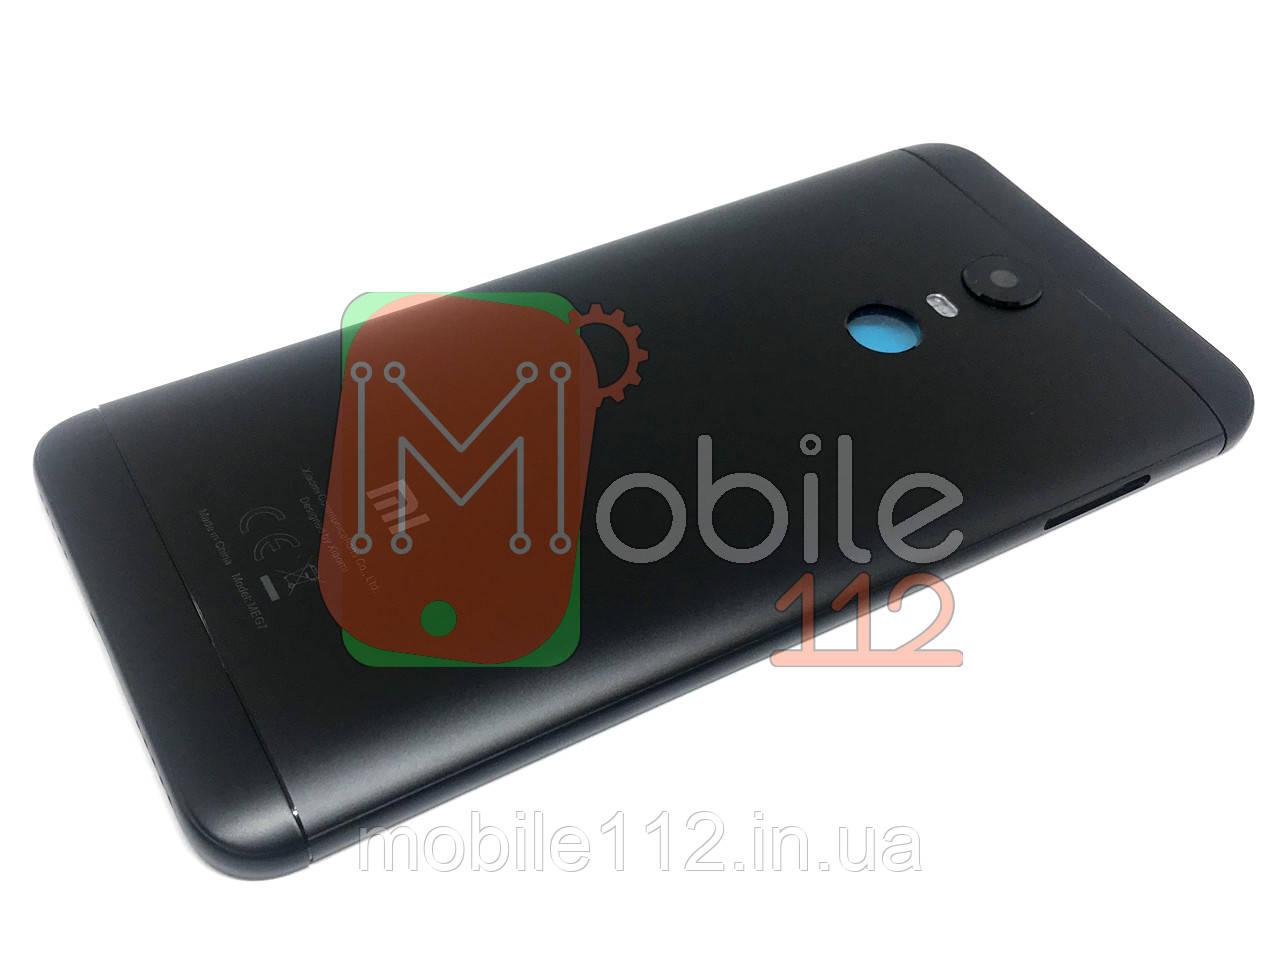 Задняя крышка Xiaomi Redmi 5 Plus, MEG7 черная